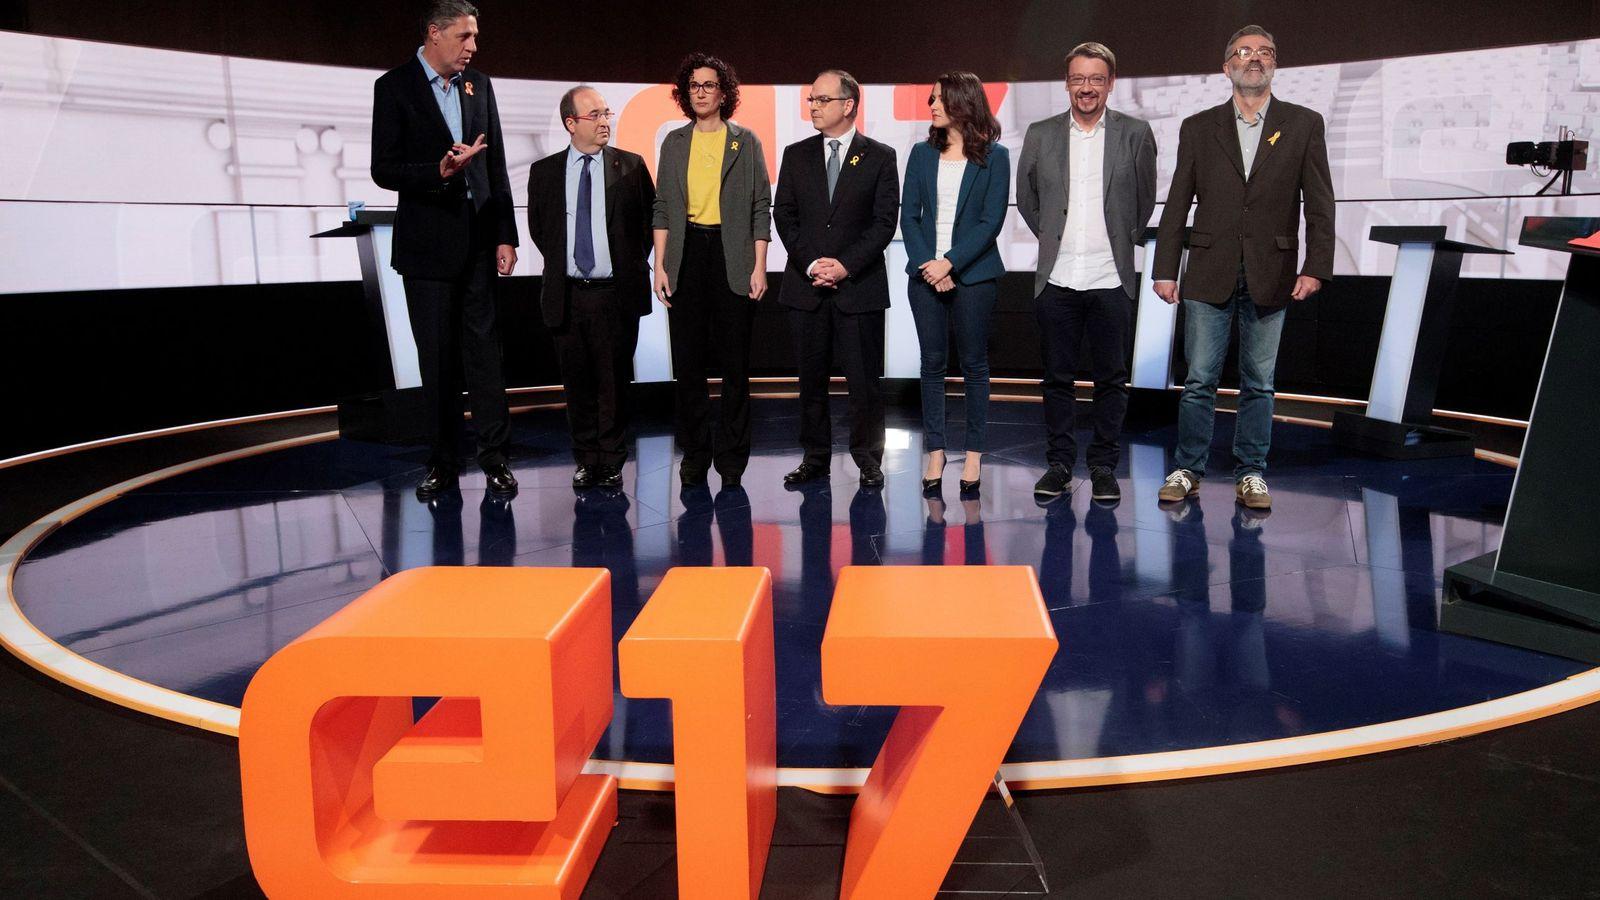 Foto: Debate electoral en TV3 el pasado 18 de diciembre. (EFE)